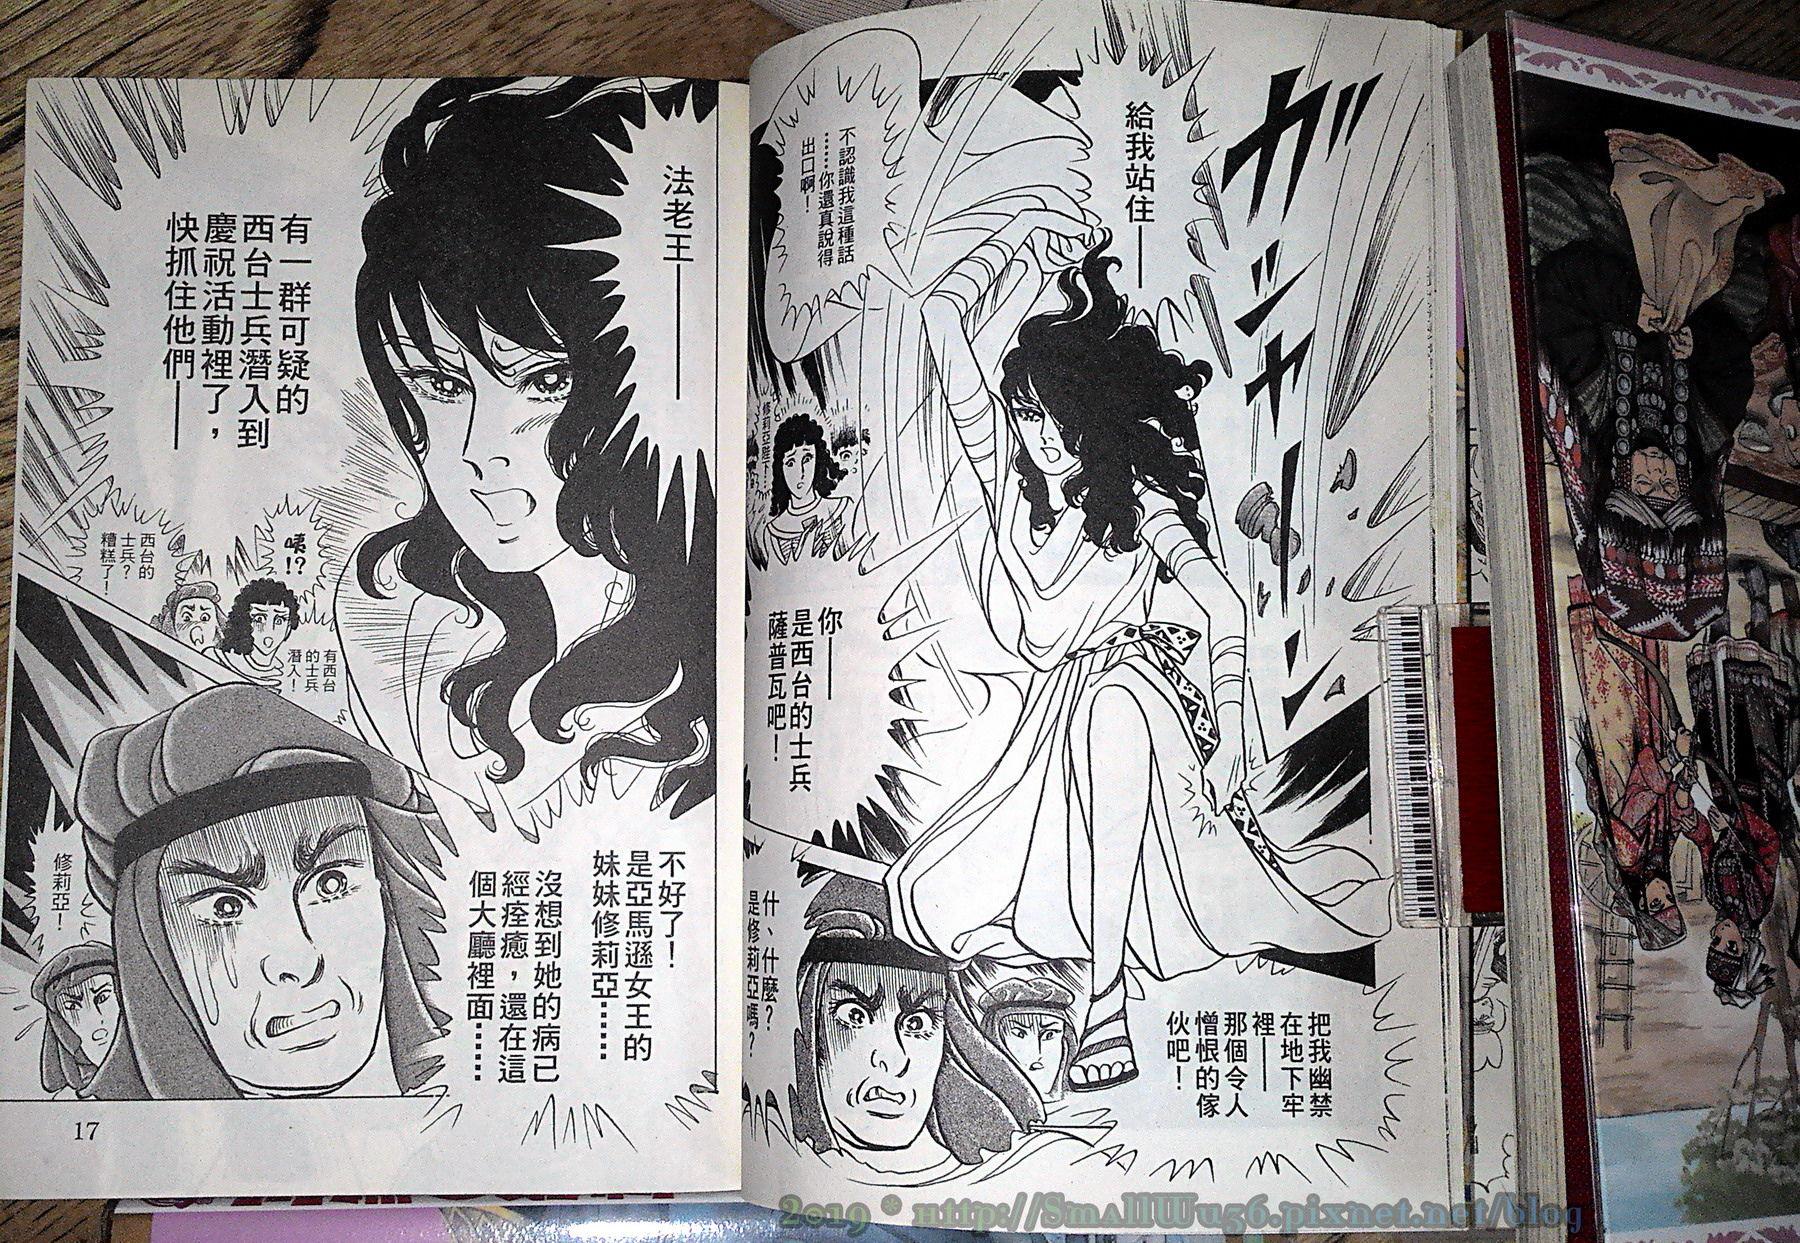 細川智榮子-王家的紋章(尼羅河女兒) 49-50 (長鴻)  vol_49-1.jpg